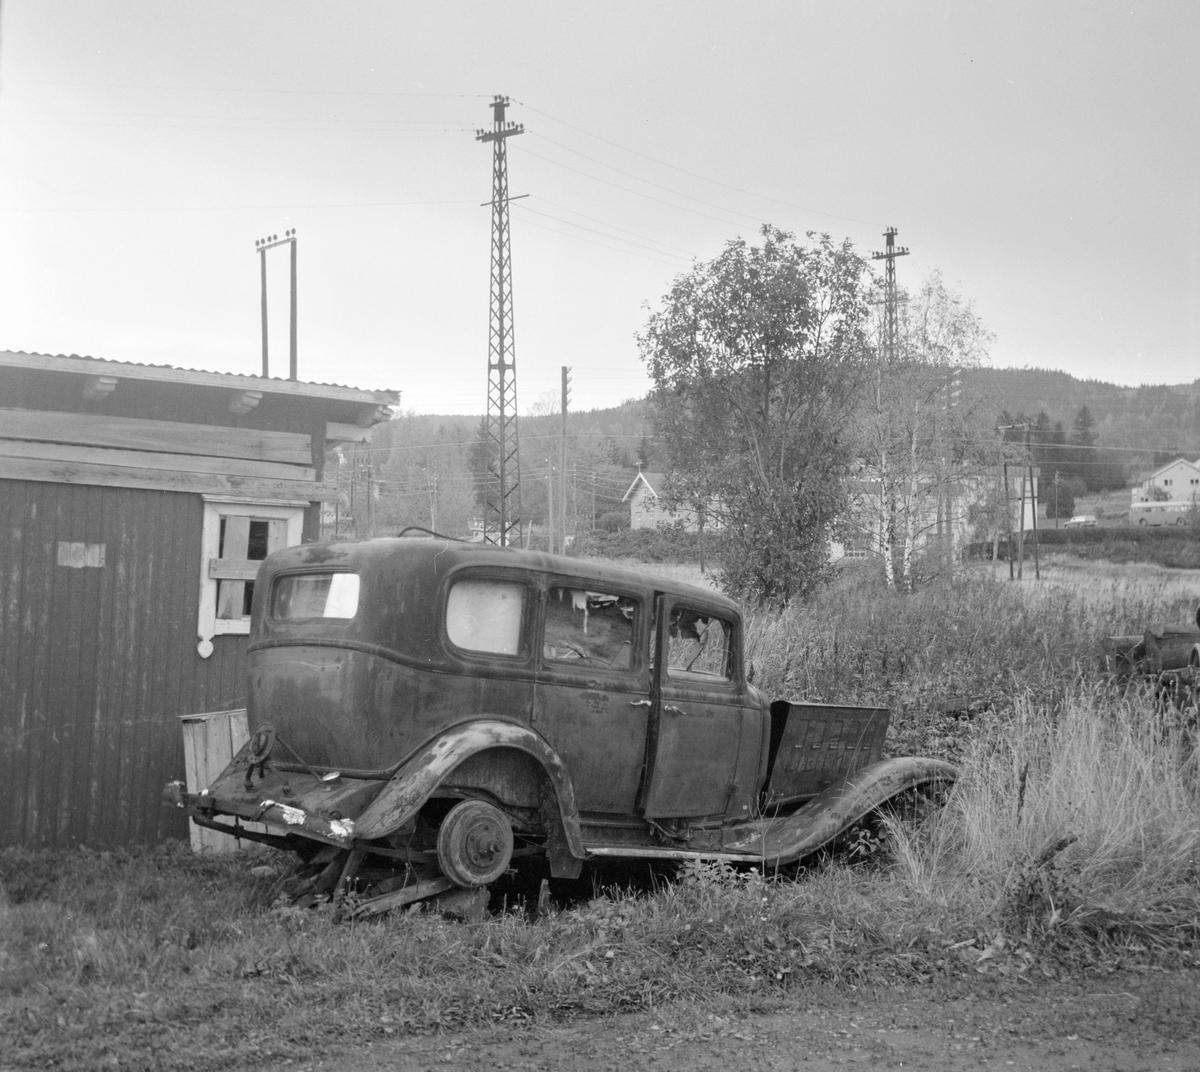 Utedo på Hof stasjon på nedlagte Tønsberg-Eidsfossbanen. I forgrunnen en Buick 1932-modell.